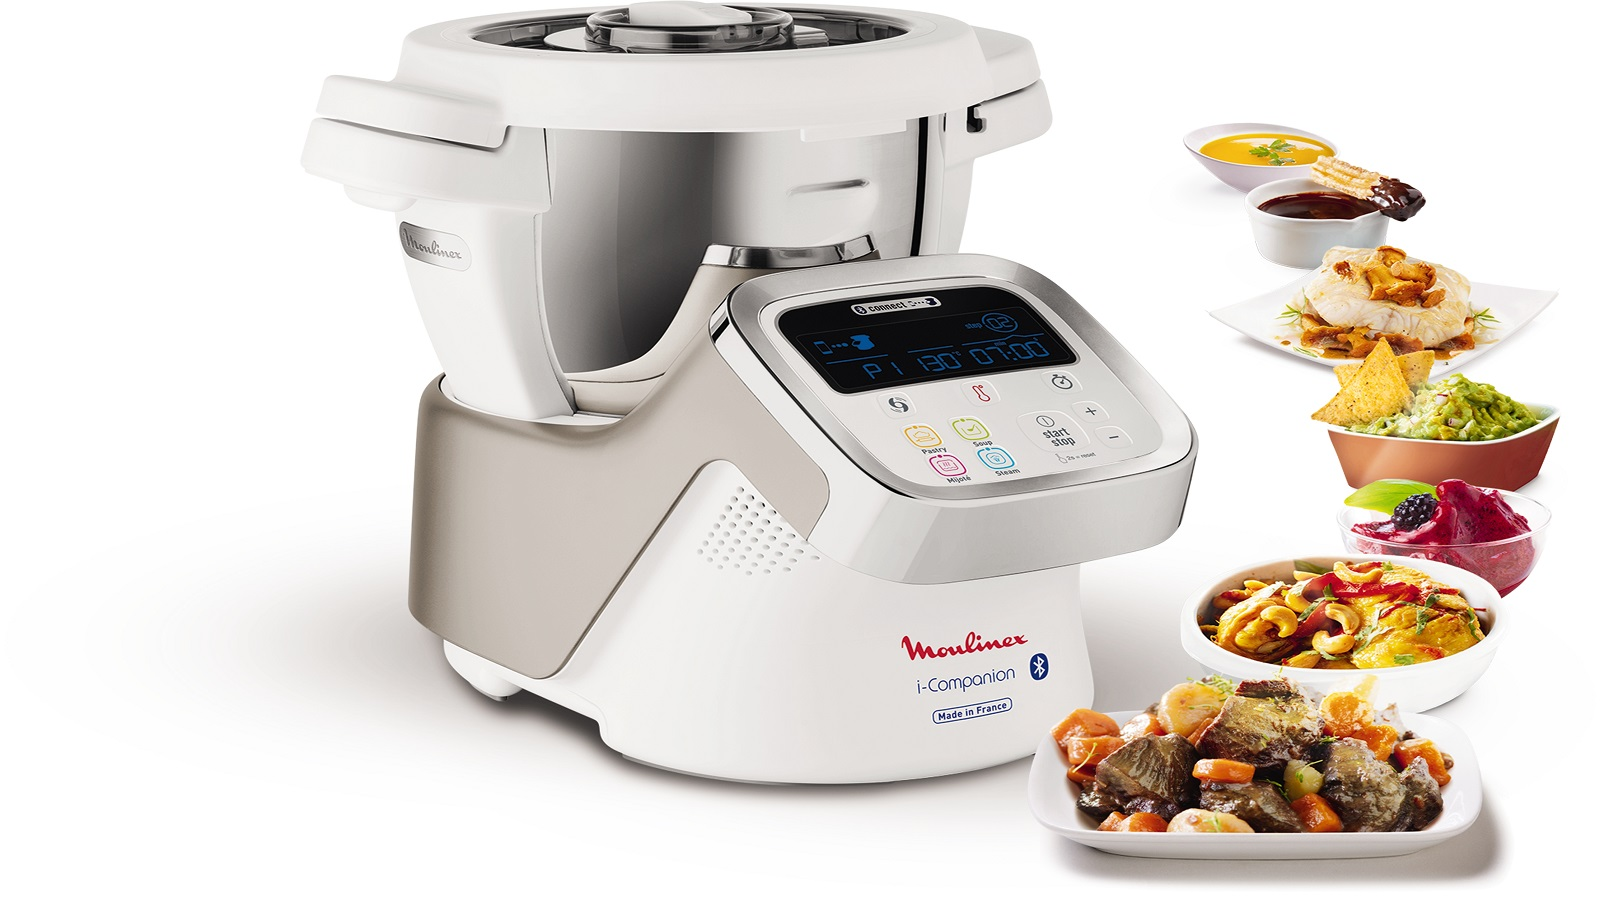 robot da cucina moulinex nuovo modello a confronto col vecchio e con il bimby